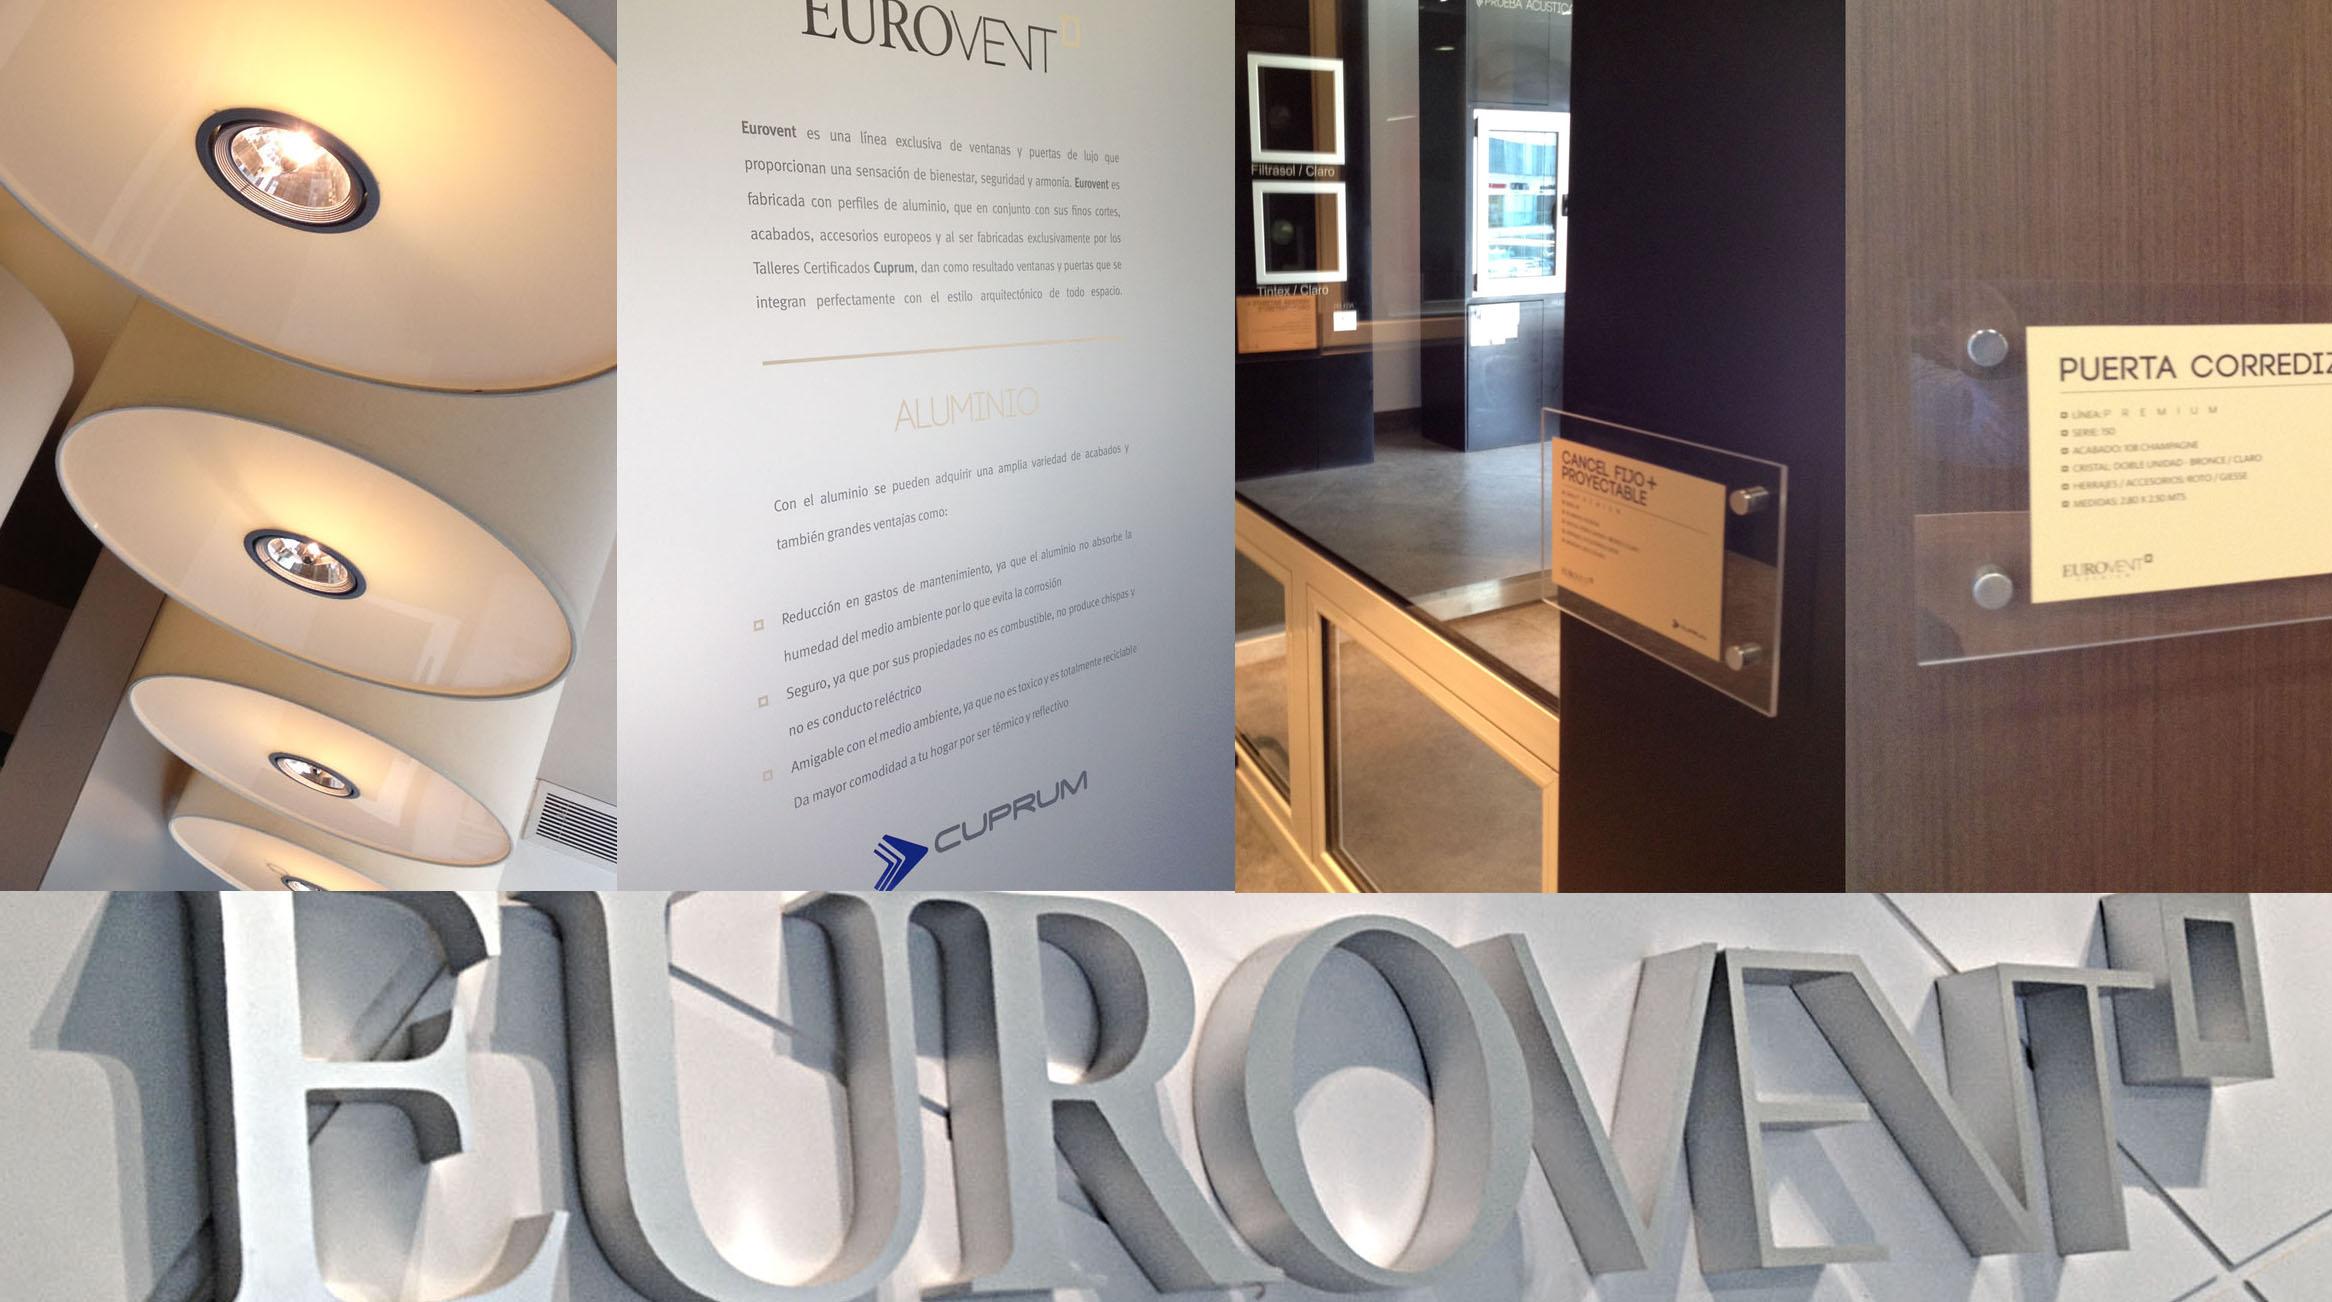 Eurovent14.jpg